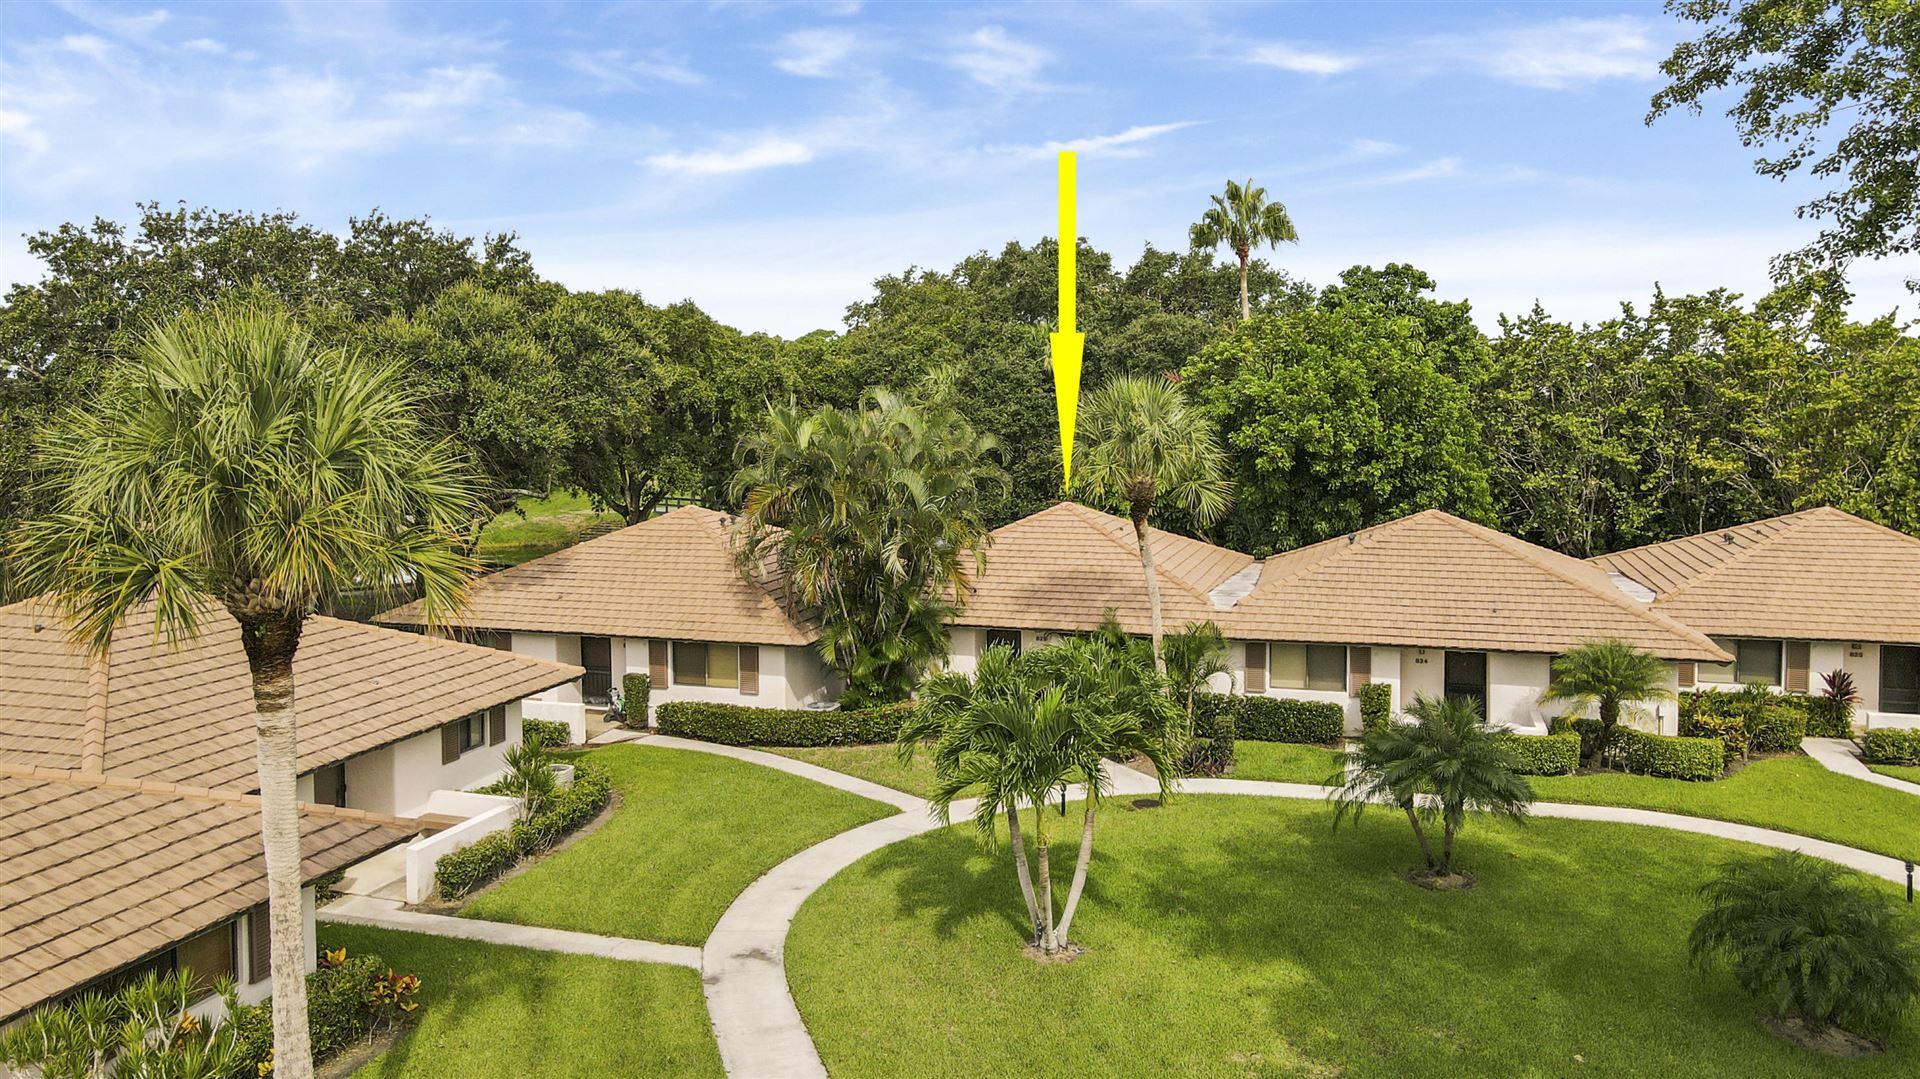 823 Club Drive, Palm Beach Gardens, FL 33418 - #: RX-10645073